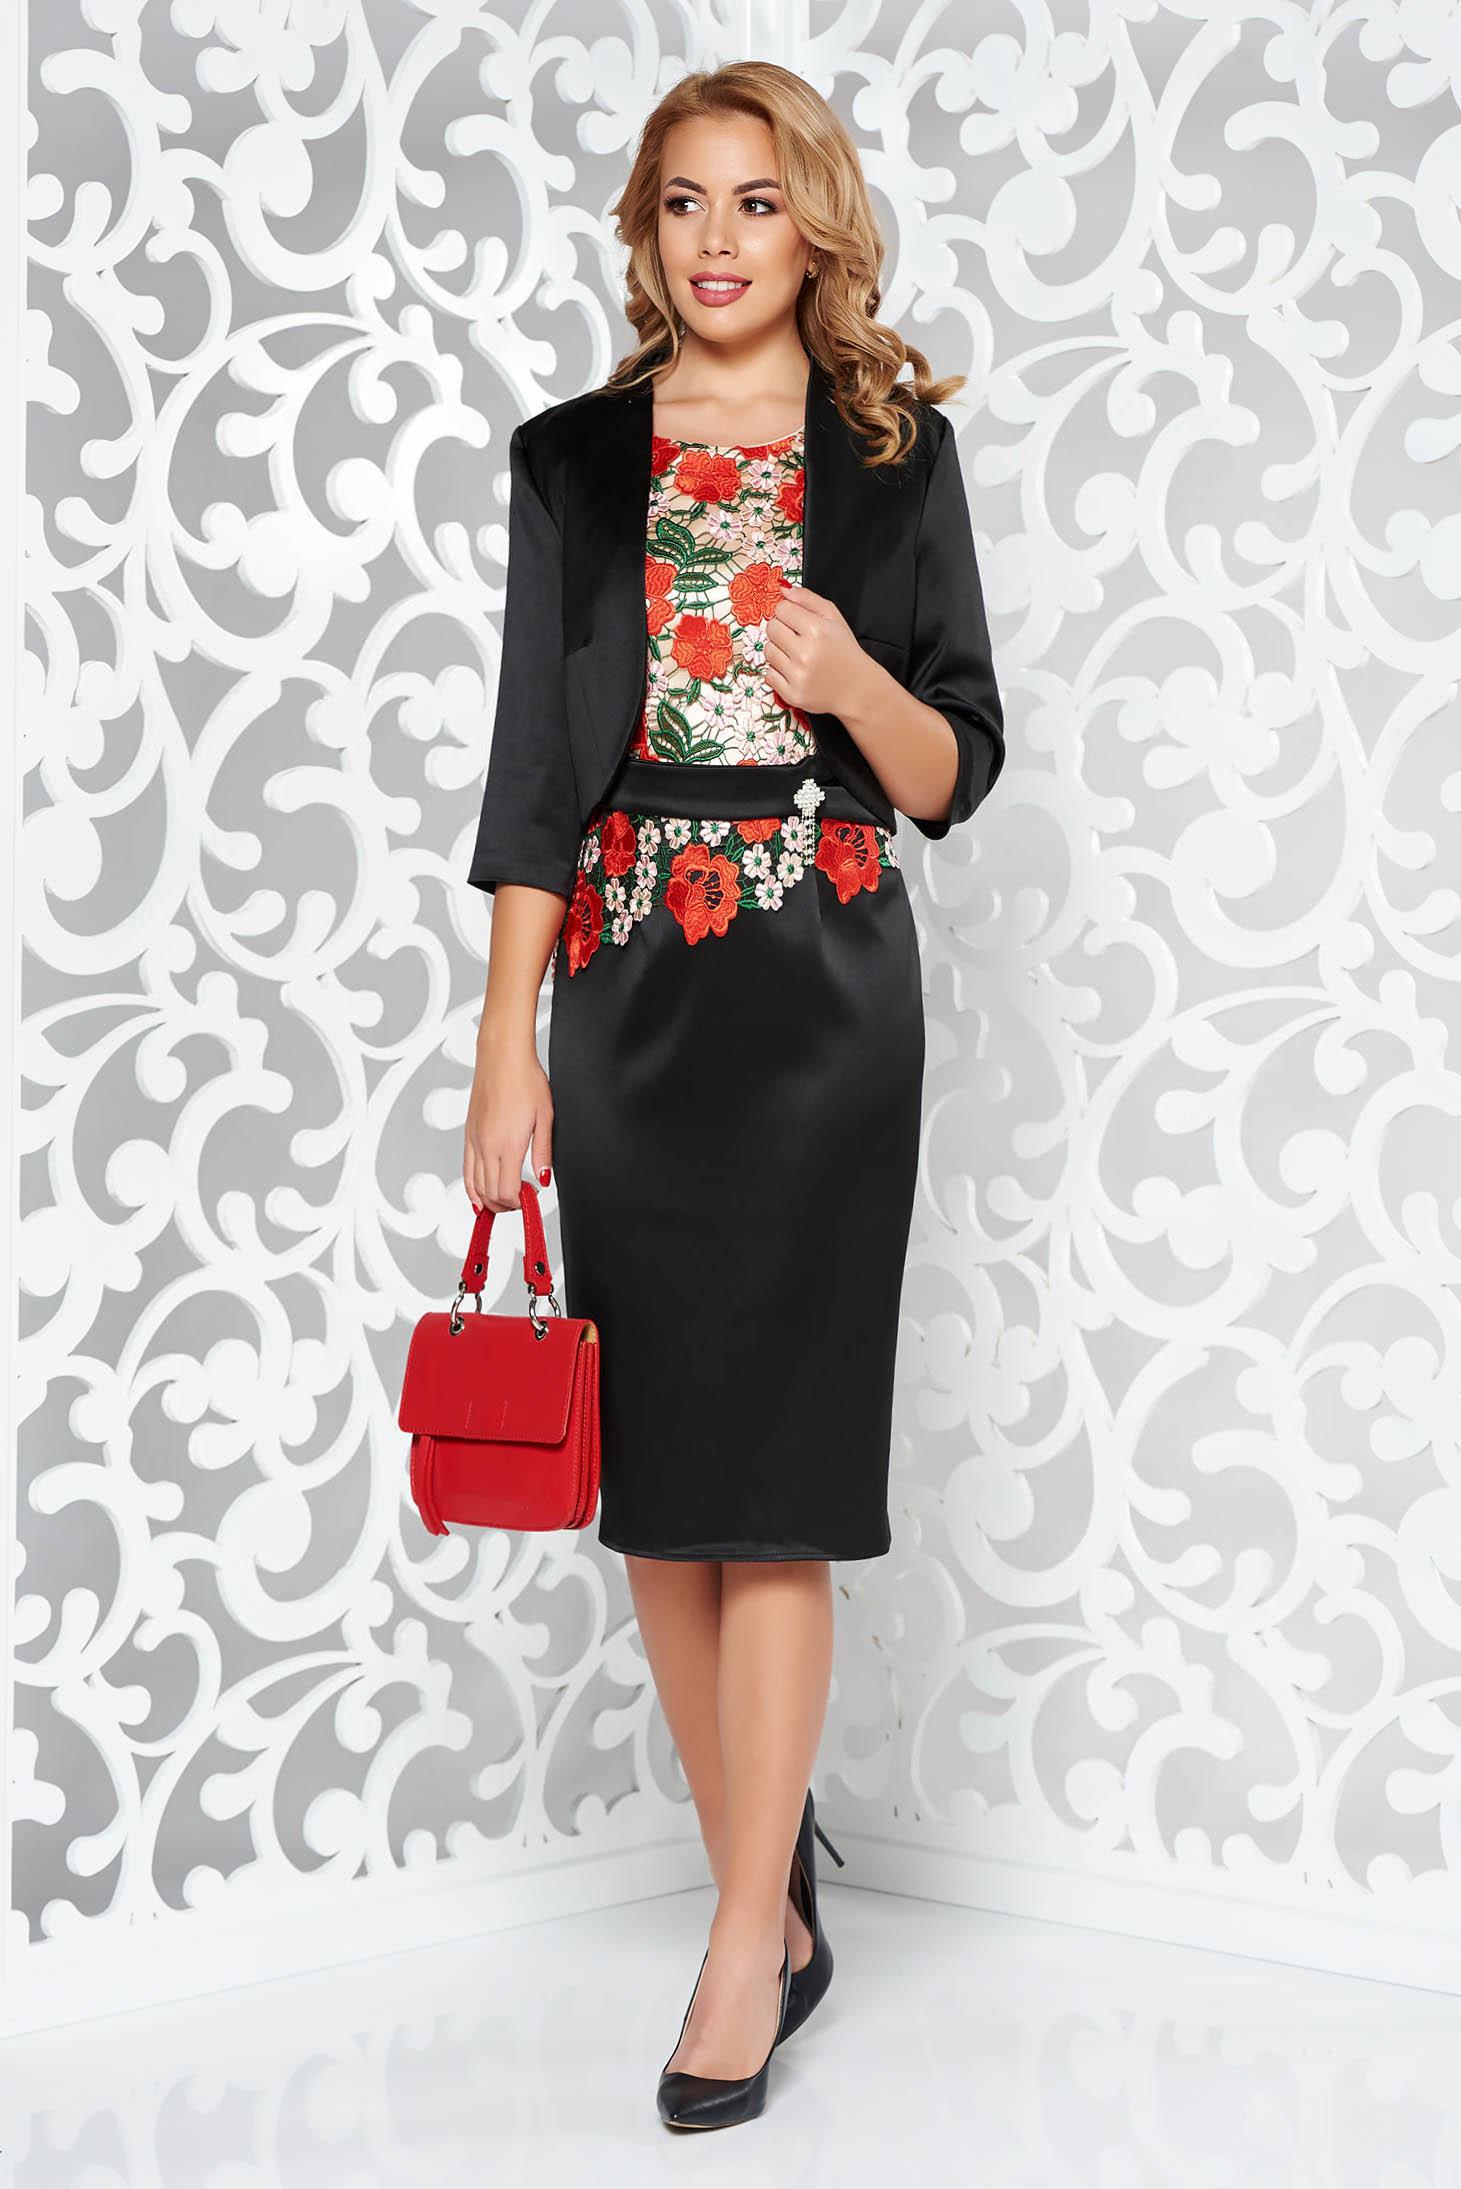 bbde662e54 Fekete elegáns női kosztüm szatén anyagból belső béléssel hímzett  betétekkel szűk szabás